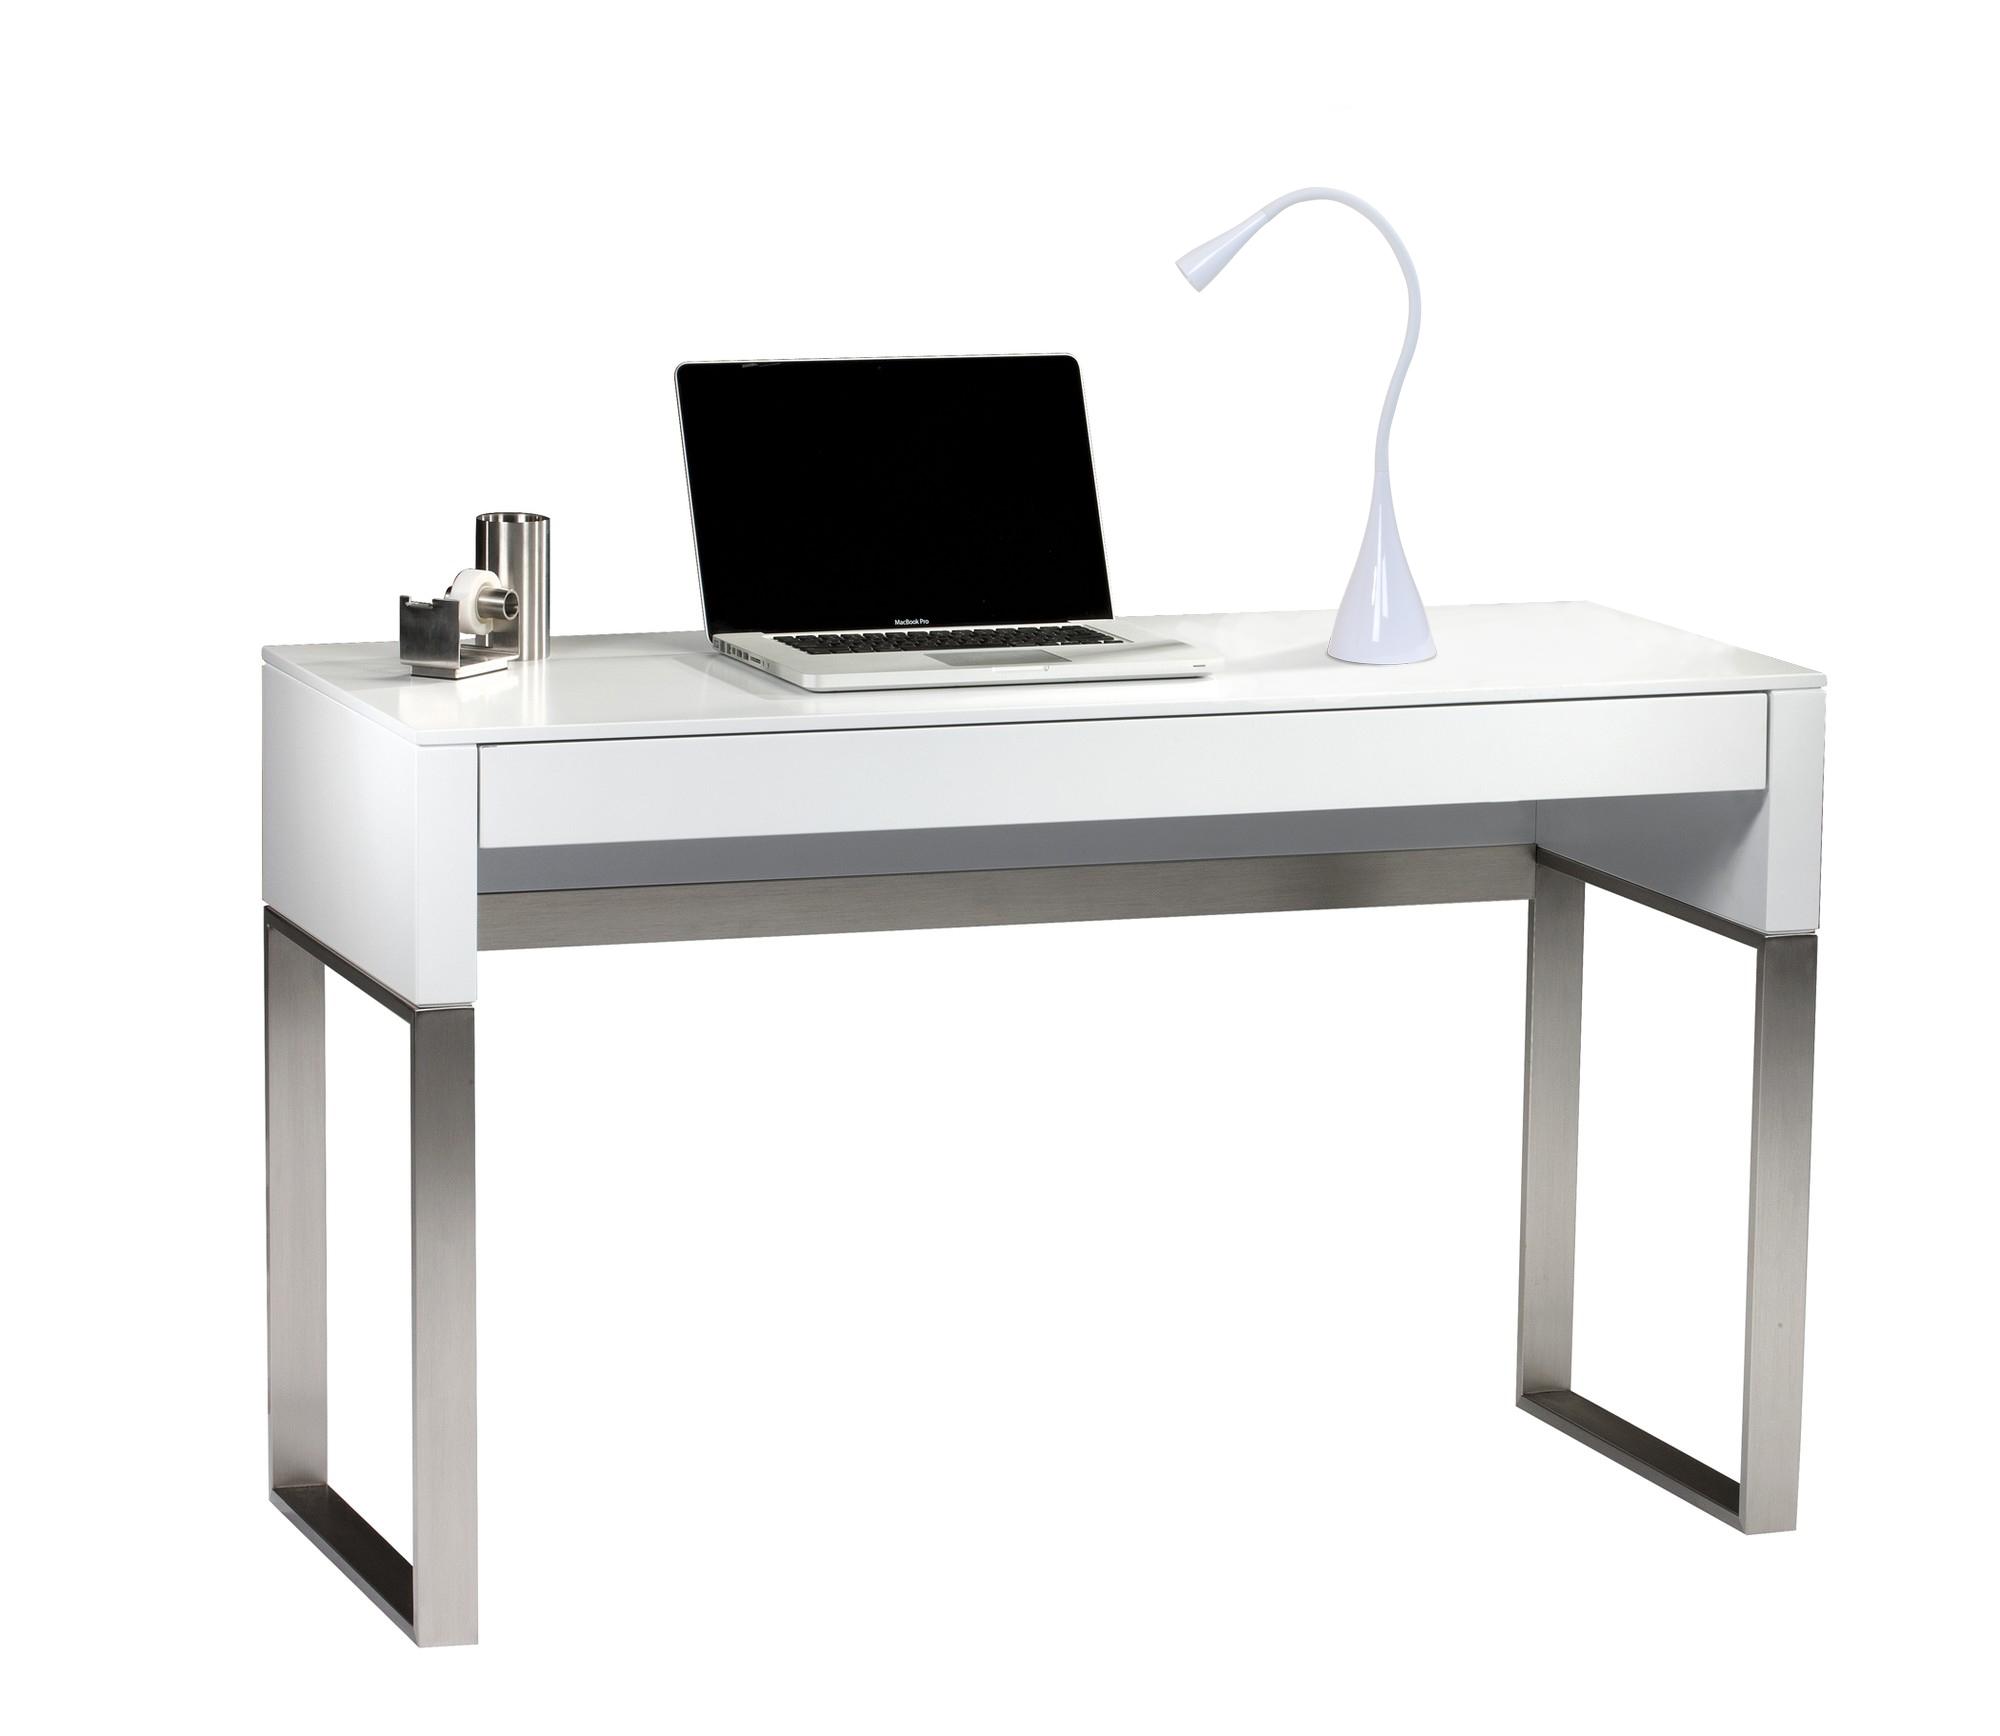 3W EnergyEfficient Touch Dimmable LED Gooseneck Lamp White – Non Halogen Desk Lamp